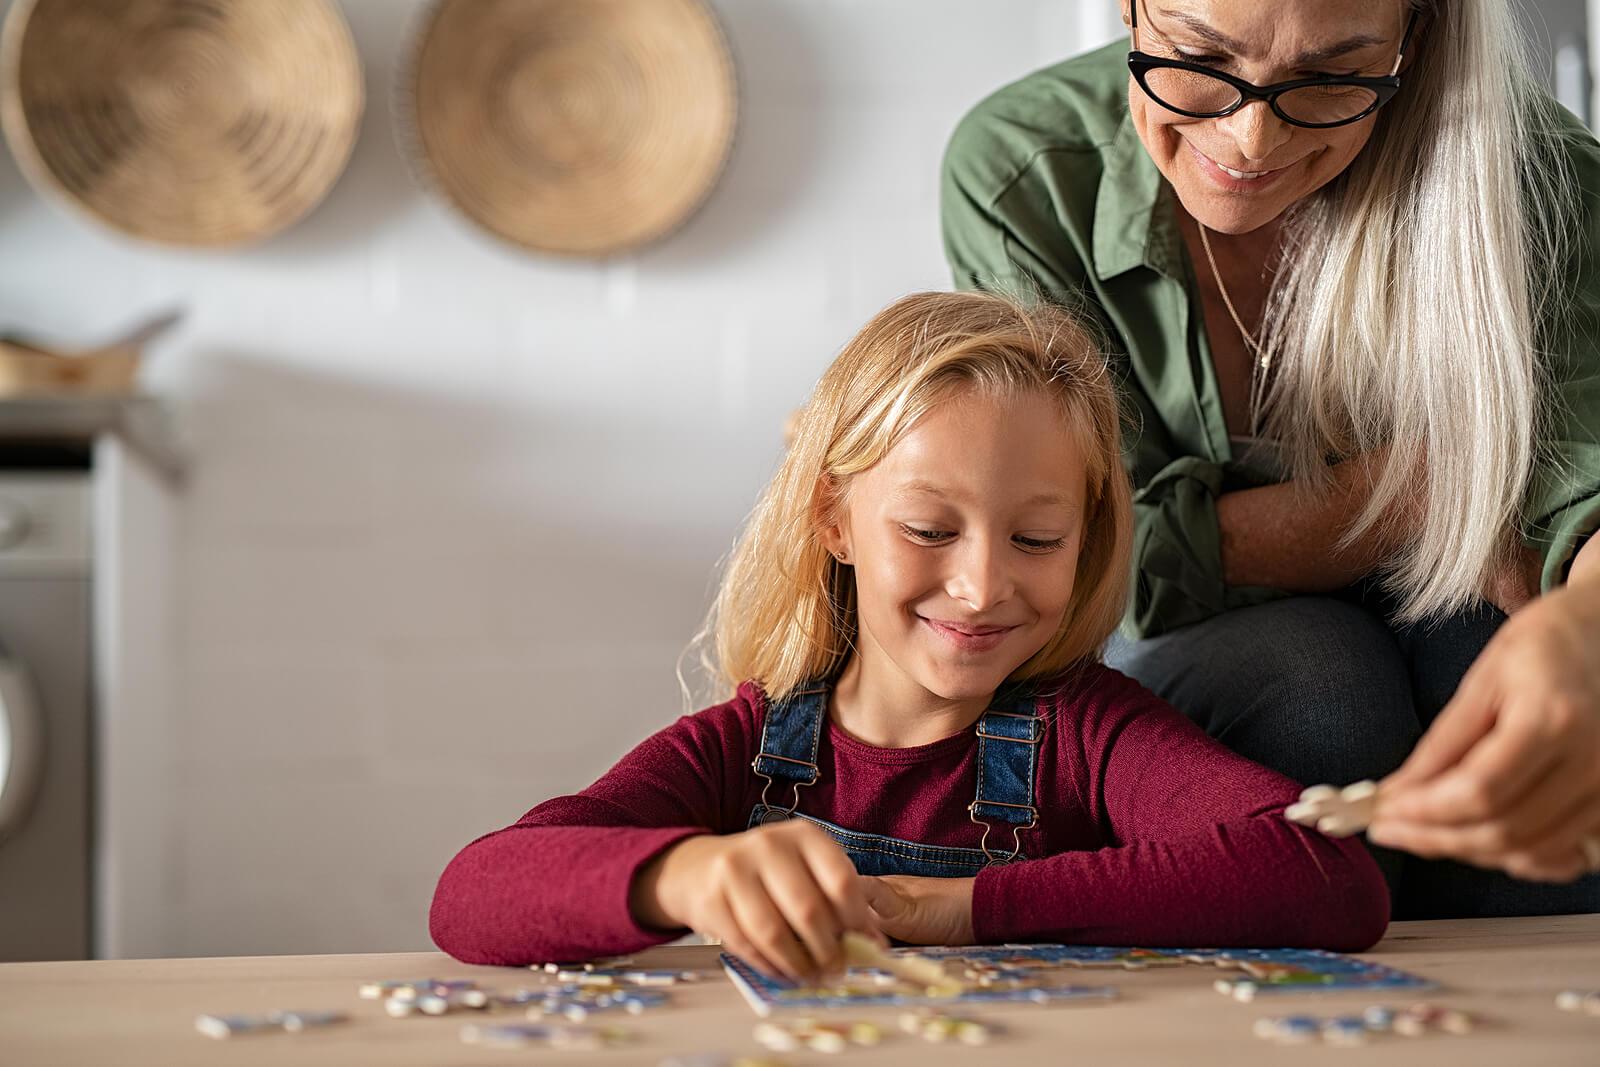 Abuela con su nieta haciendo puzzles para enseñarle a resolver problemas.